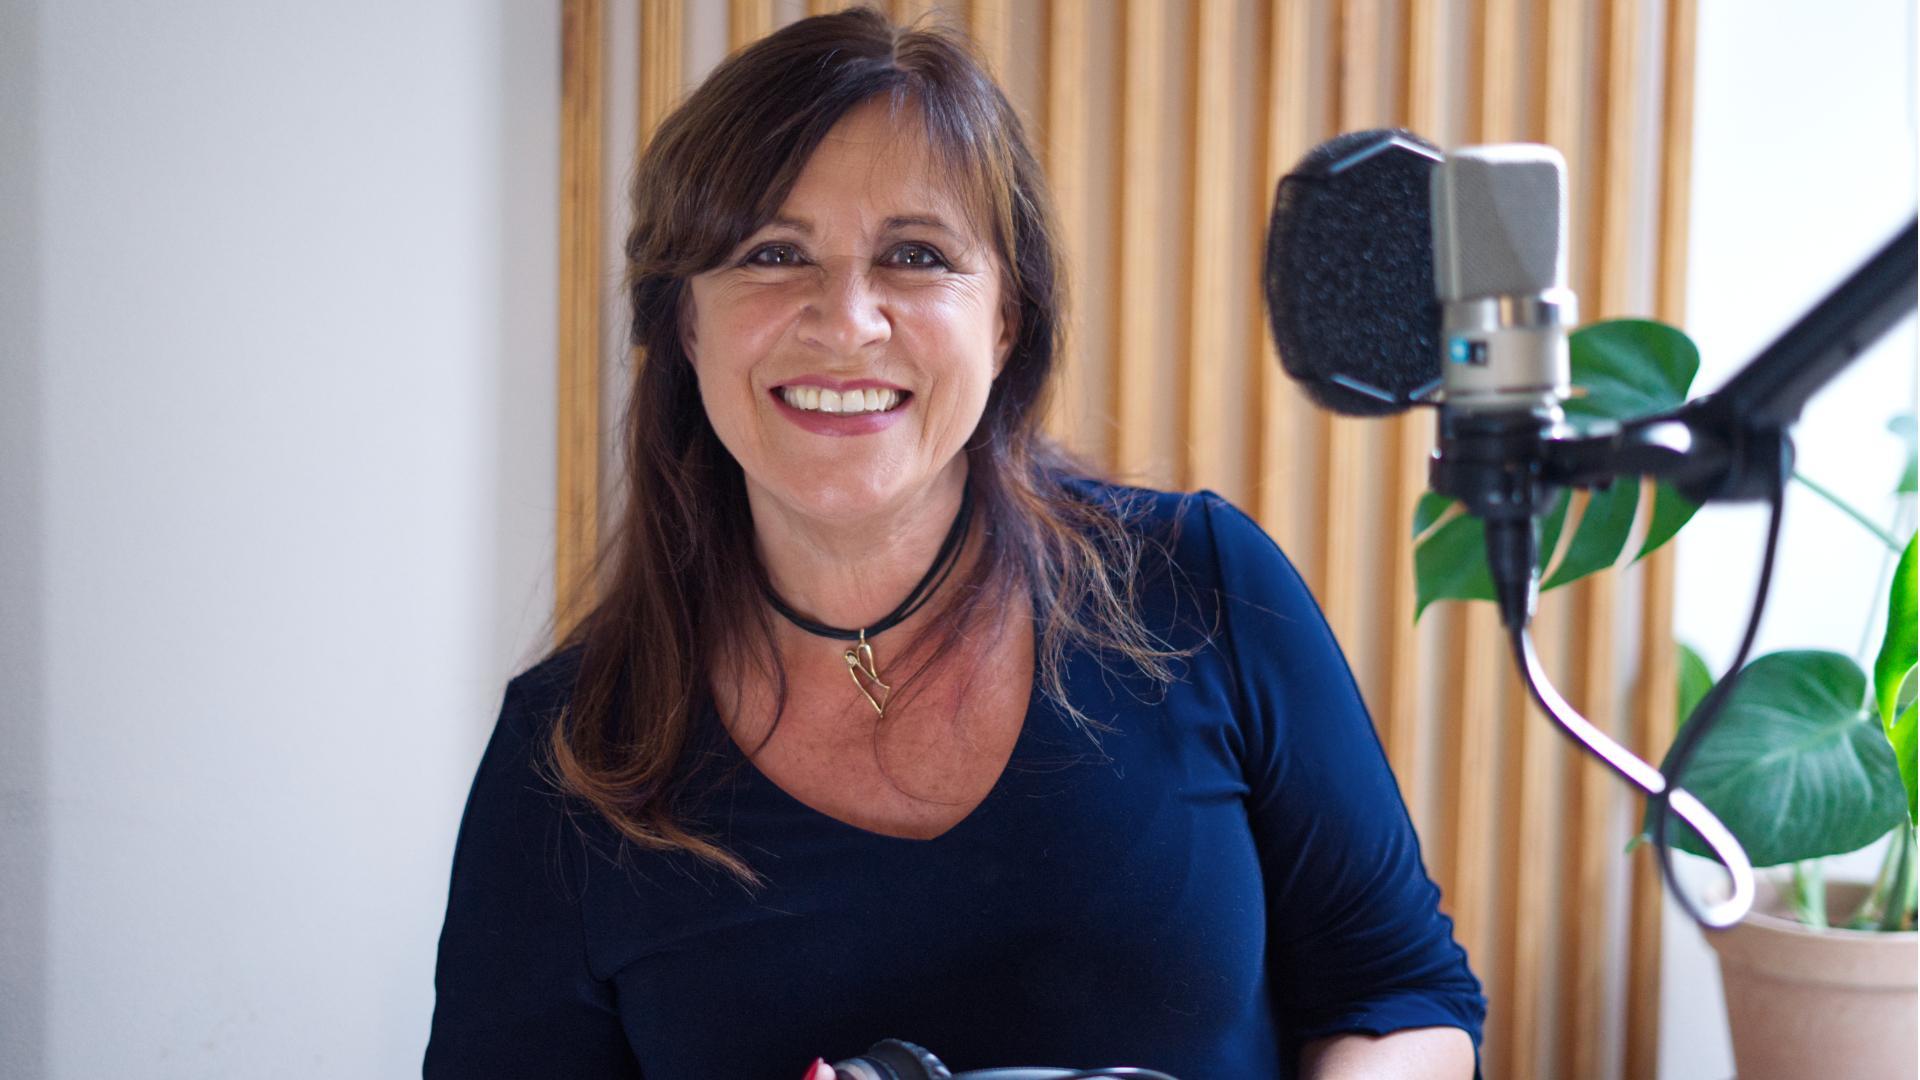 Kirsten Siggard